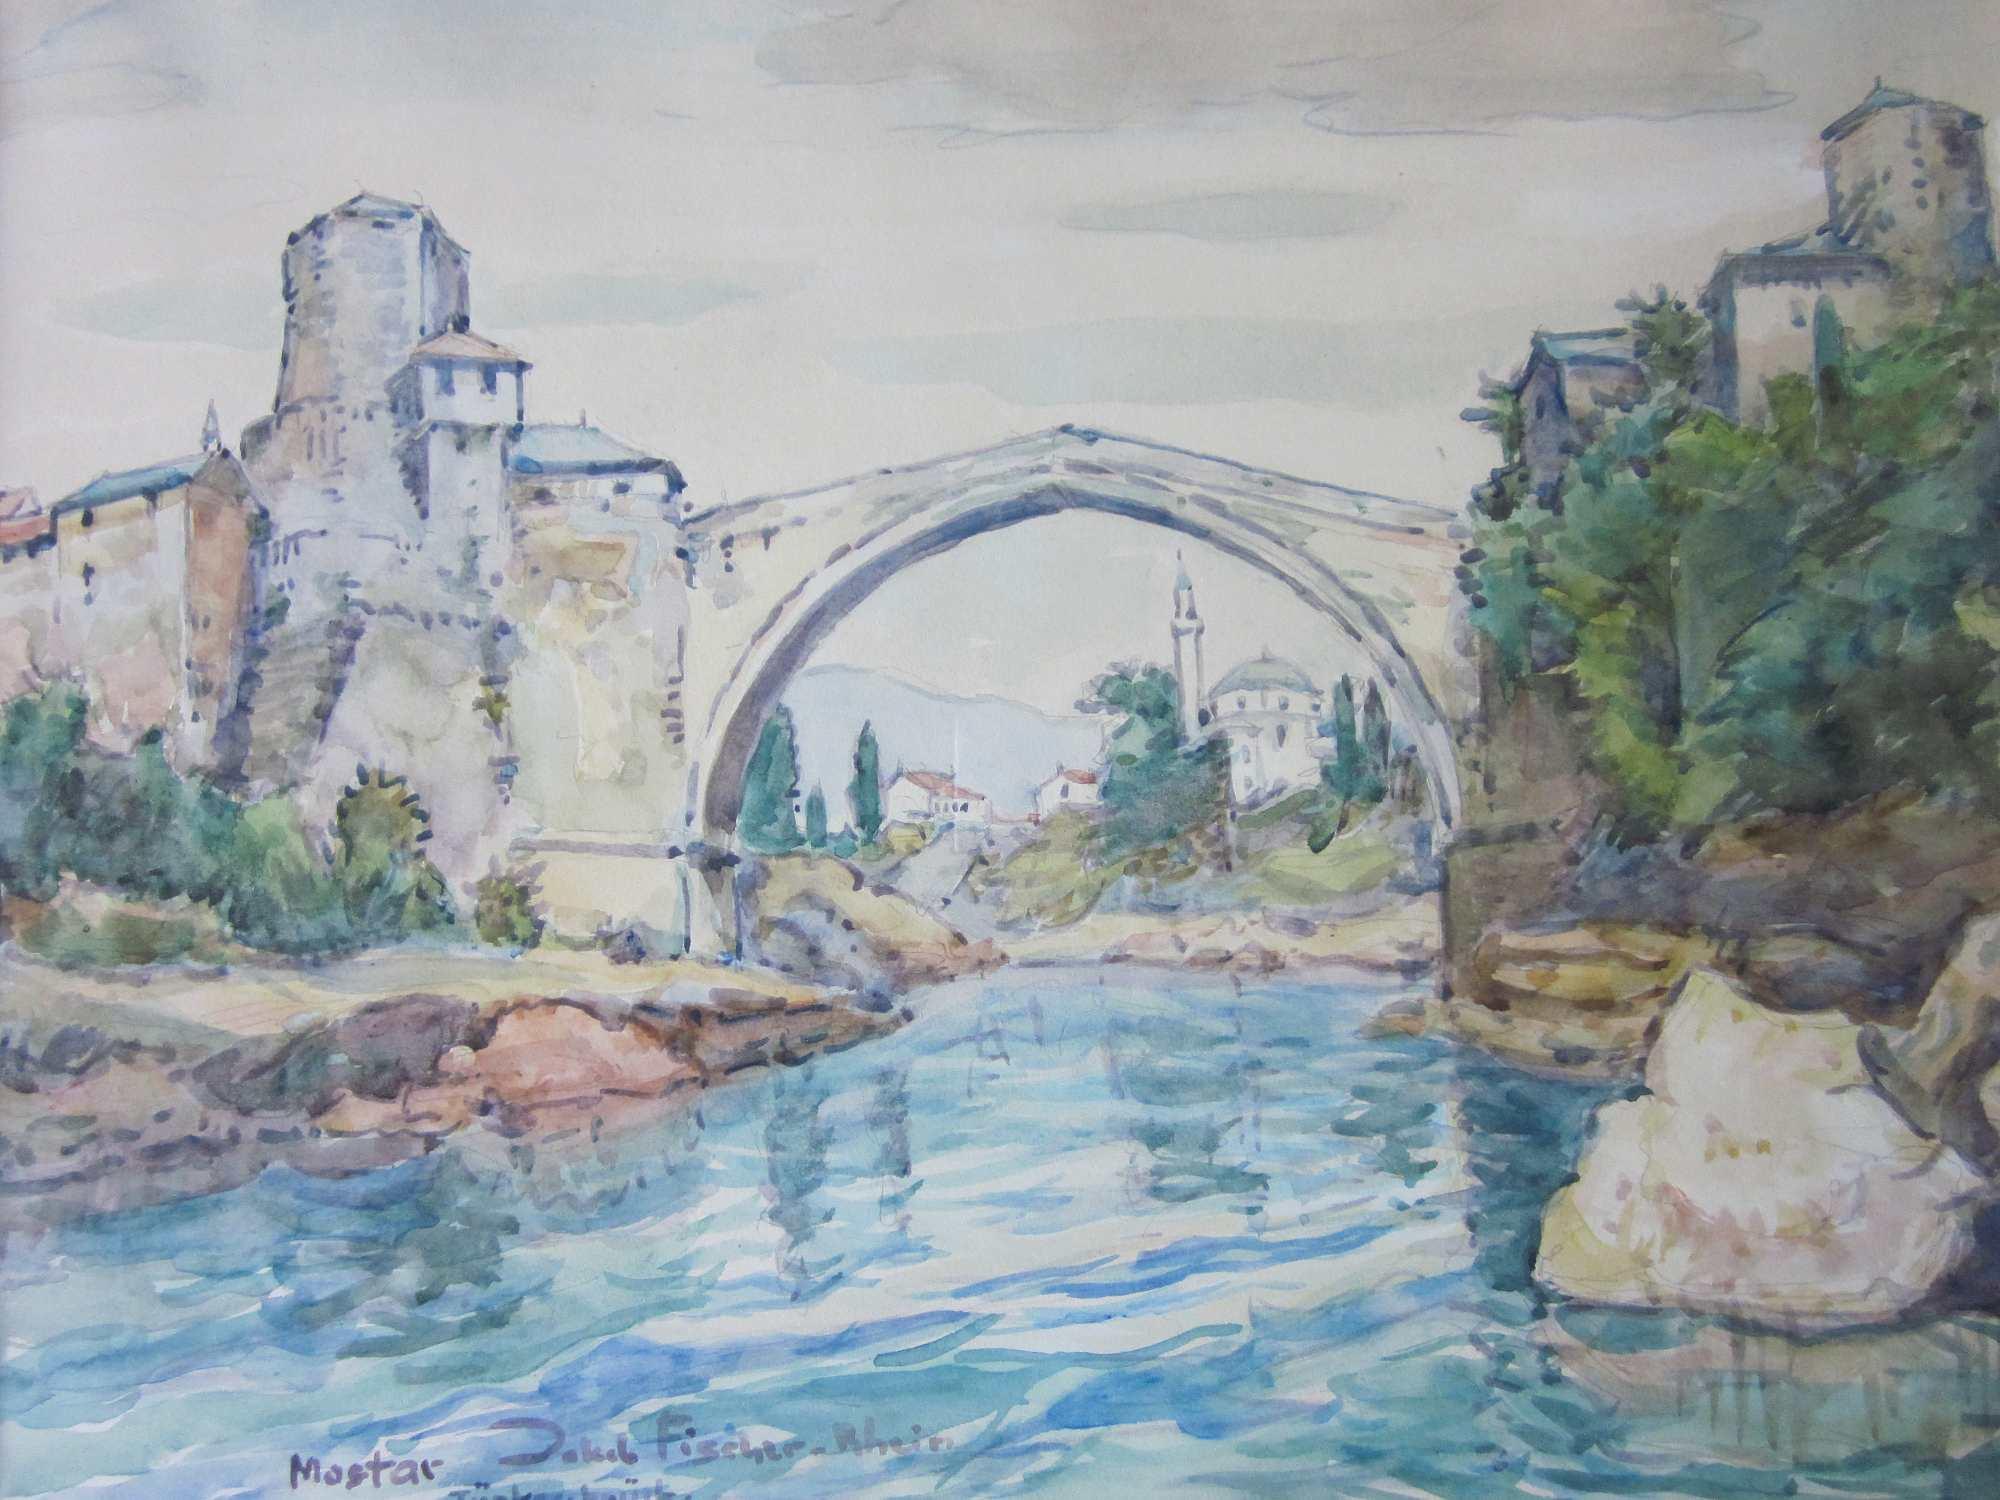 Türkenbrücke Mostar, ohne Jahr, für vergrößerte Ansicht anklicken!